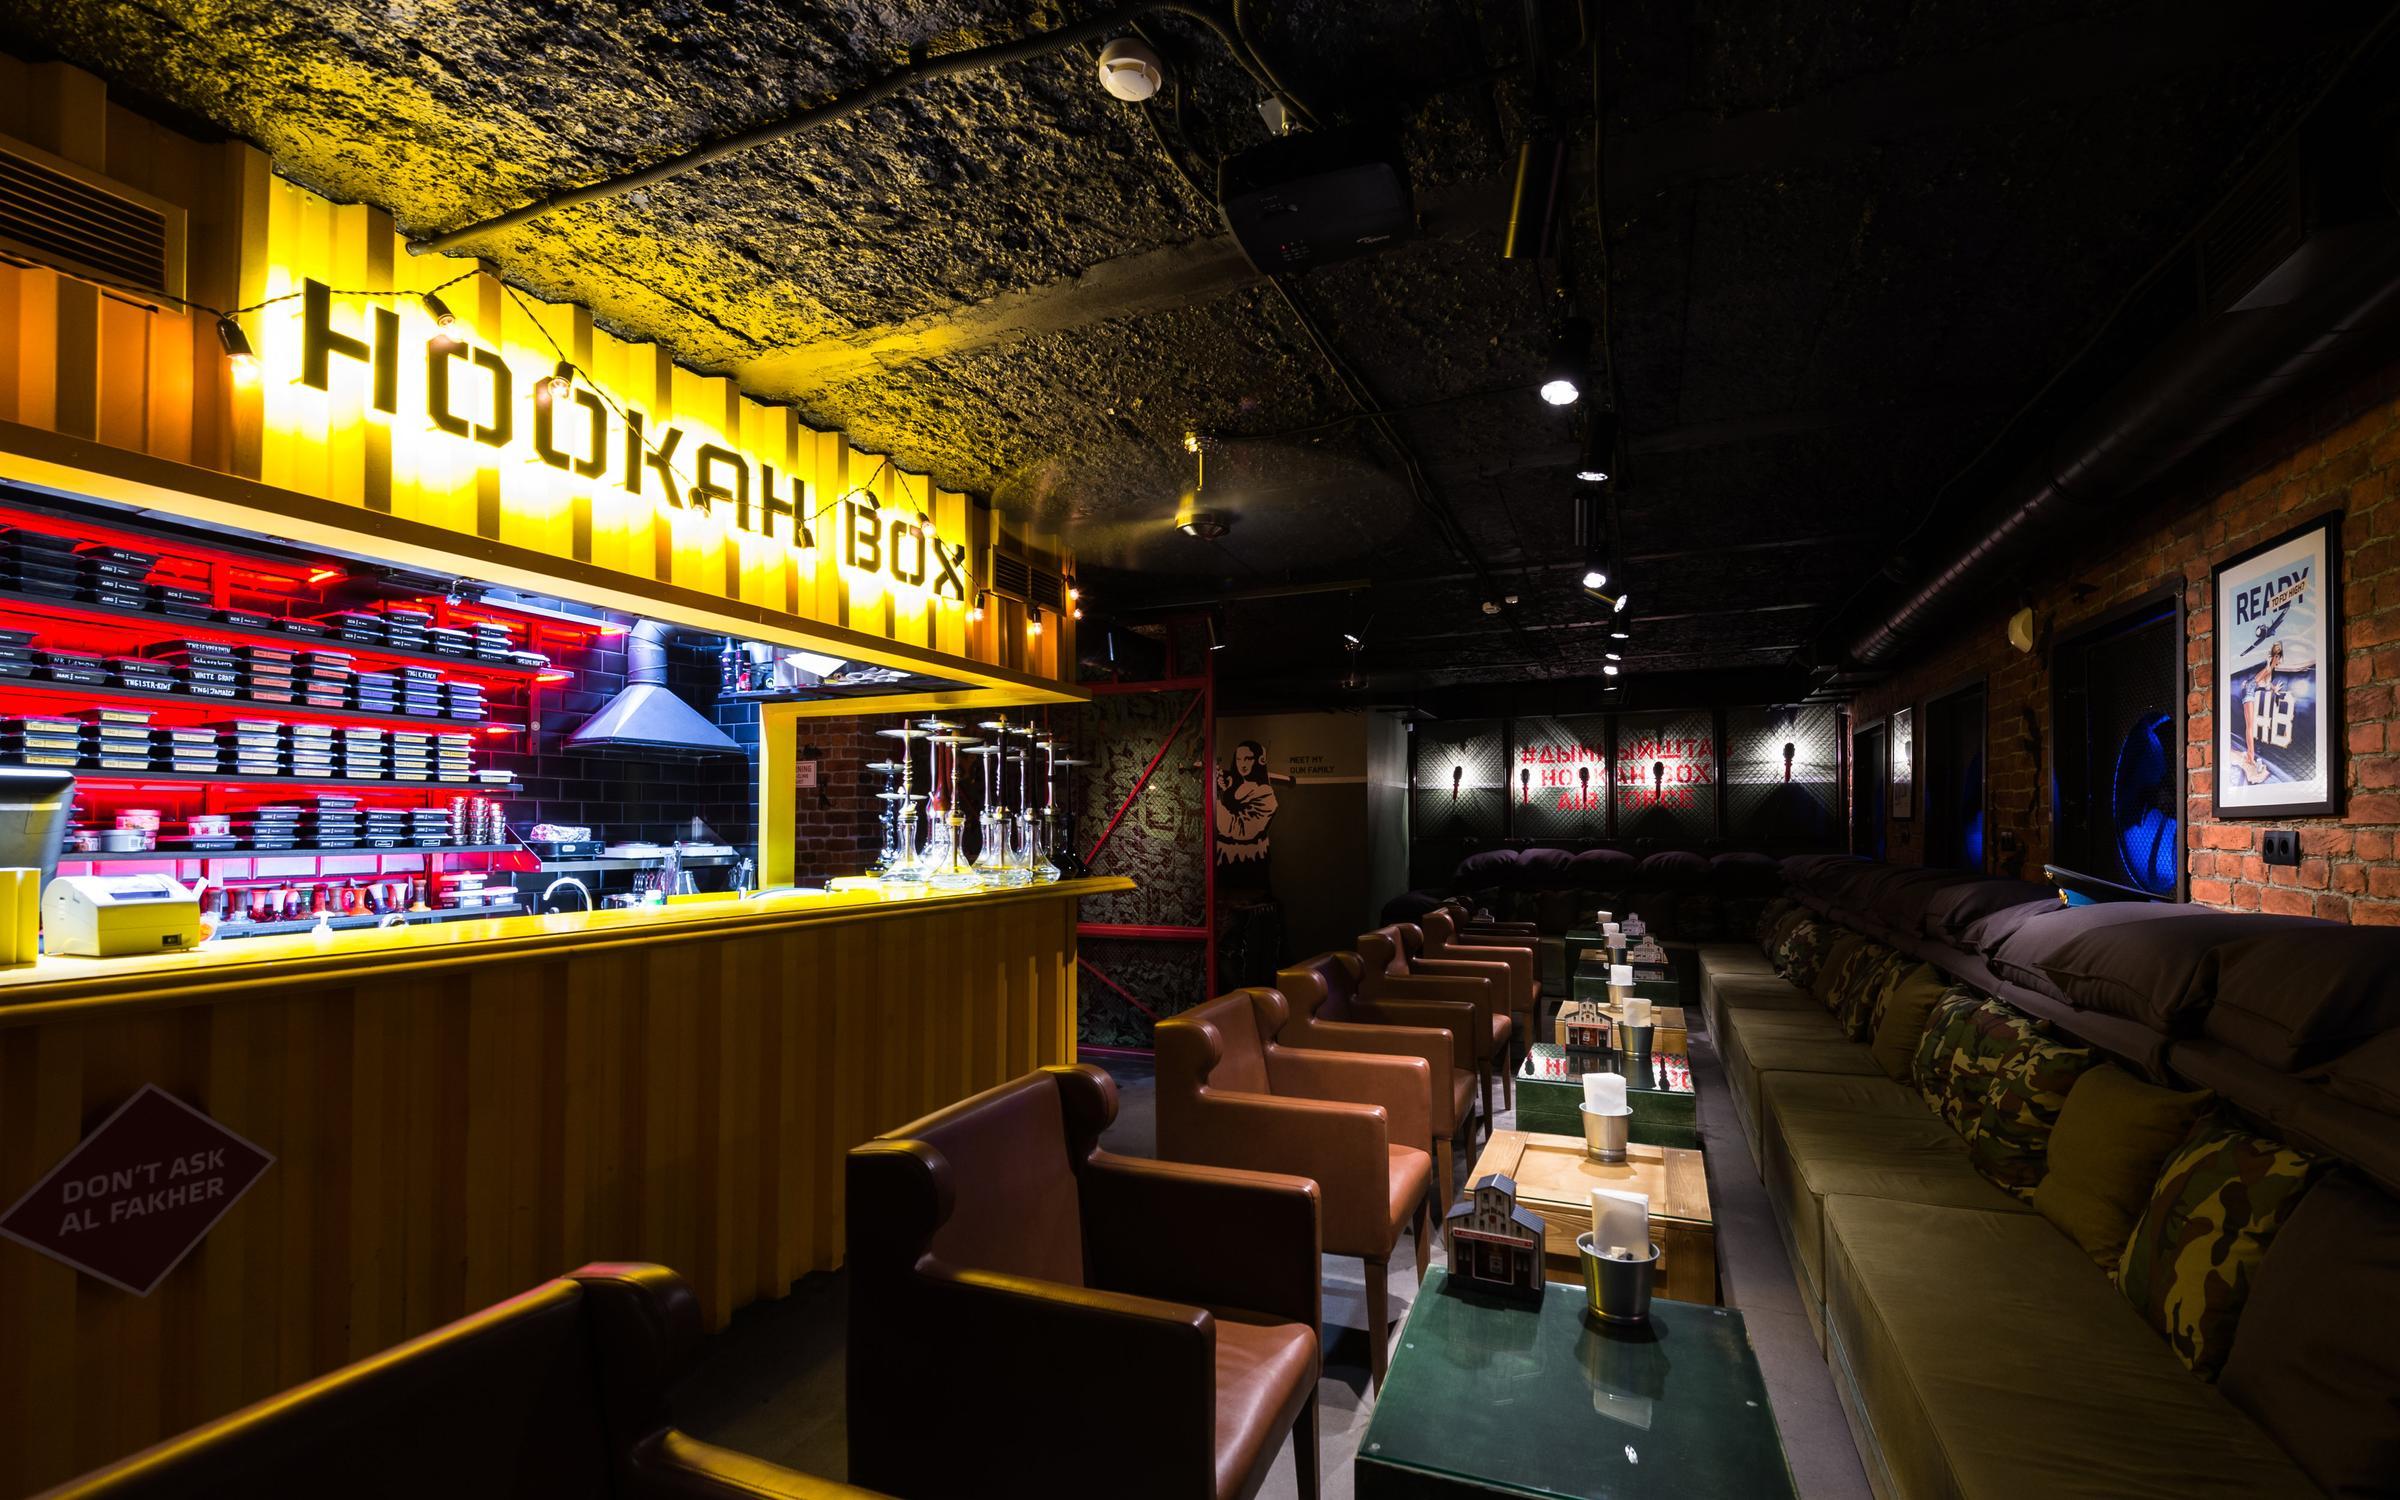 фотография Ресторана HOOKAH BOX Aviator на Большой Пушкарской улице, 30/1